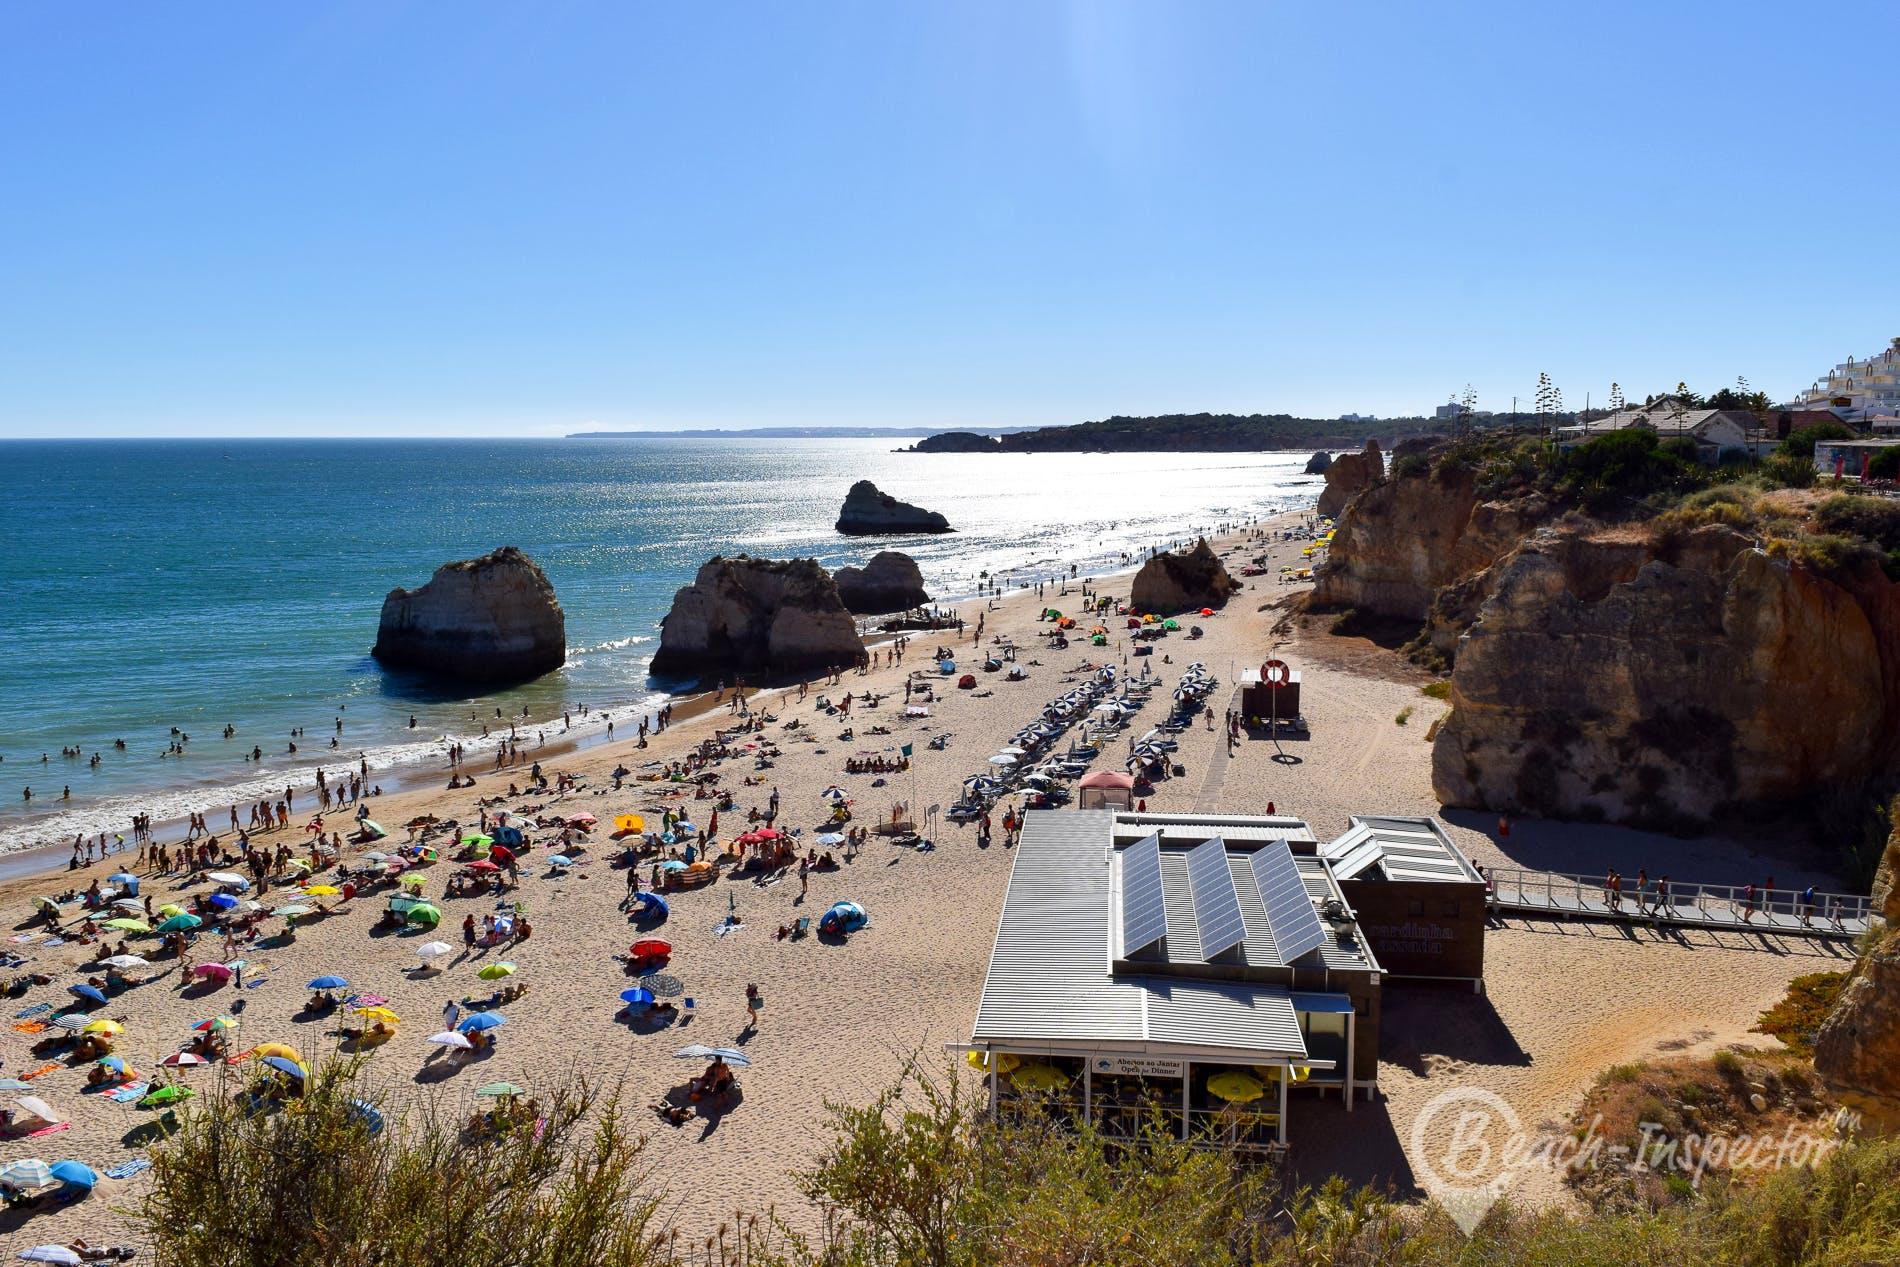 Strand Praia dos três Castelos, Algarve, Portugal